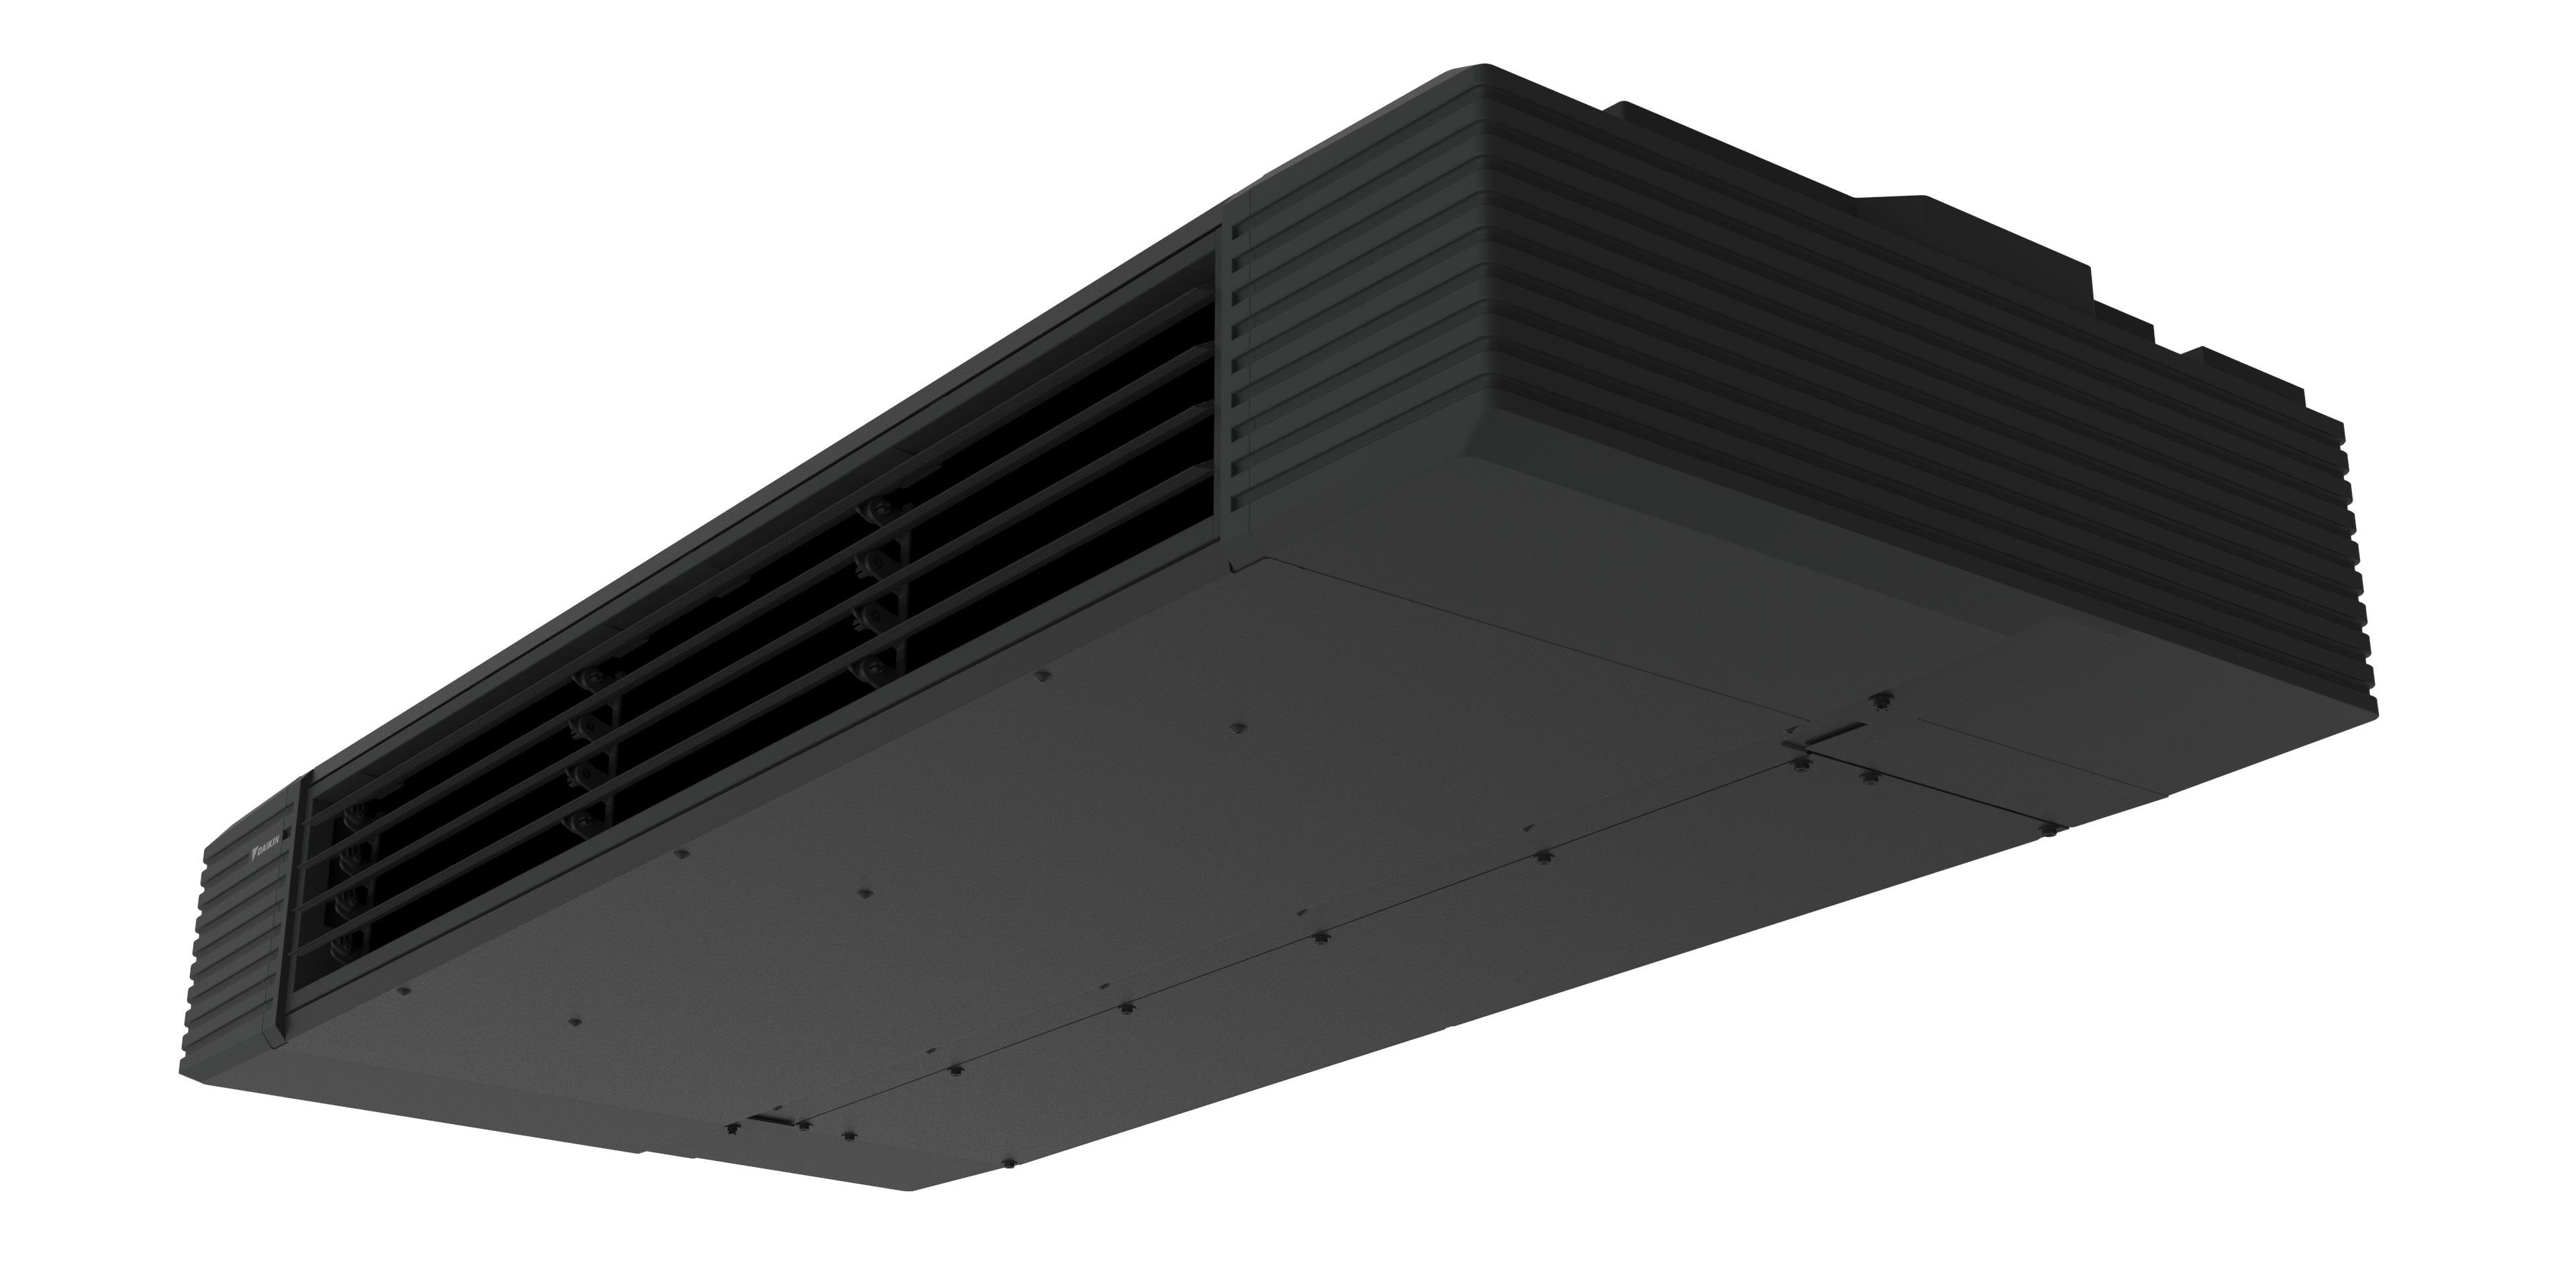 【ダイキン工業】黒と直線的なデザイン、心地よい空間づくりにこだわった業務用室内機『スタイリッシュフロー』新発売の画像